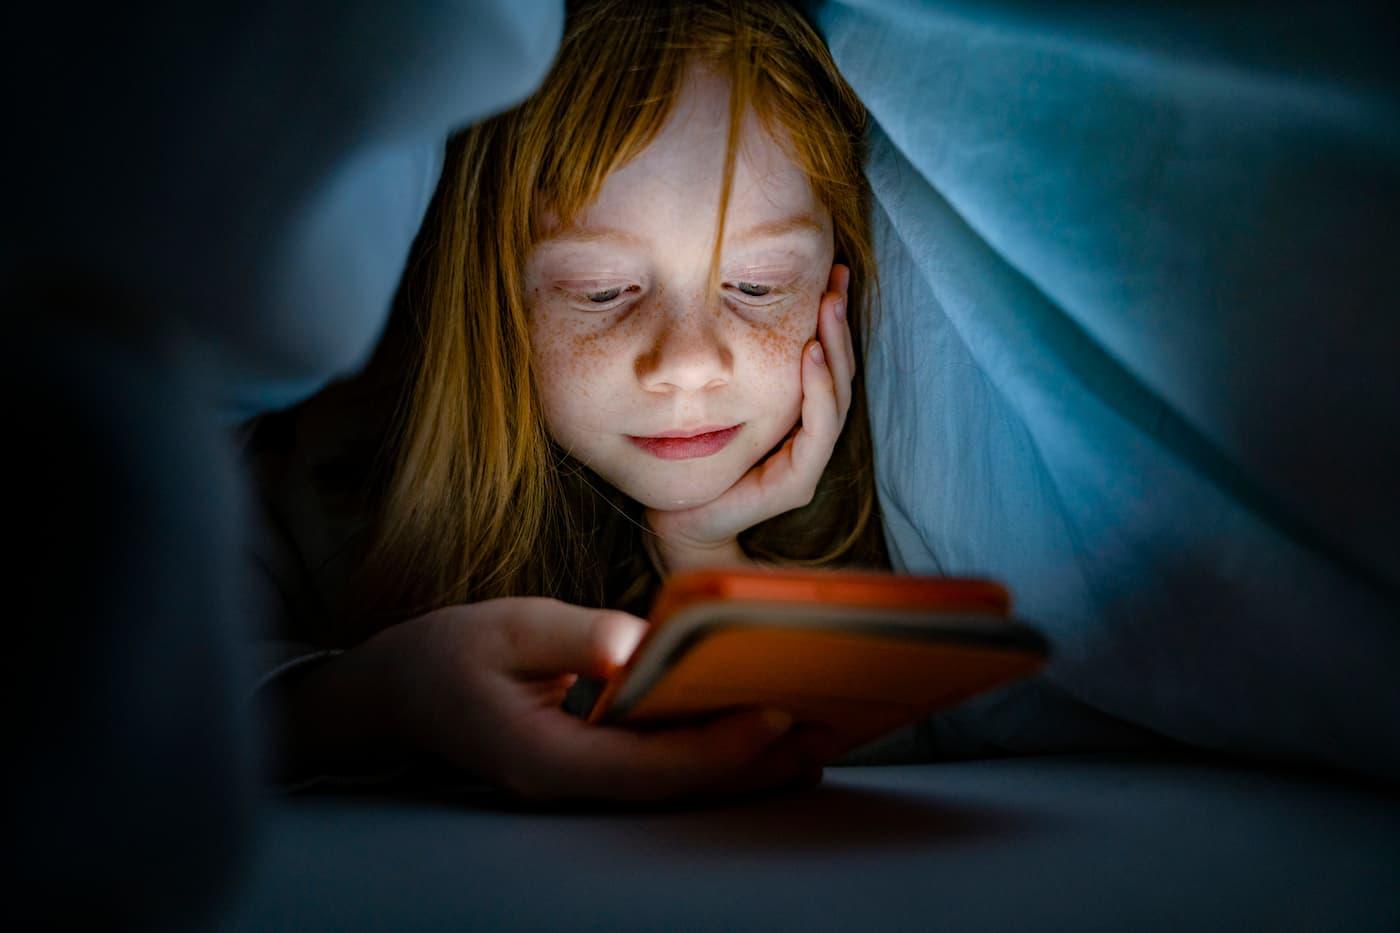 Παιδική εξάρτηση στα μέσα κοινωνικής δικτύωσης και τον ηλεκτρονικό υπολογιστή